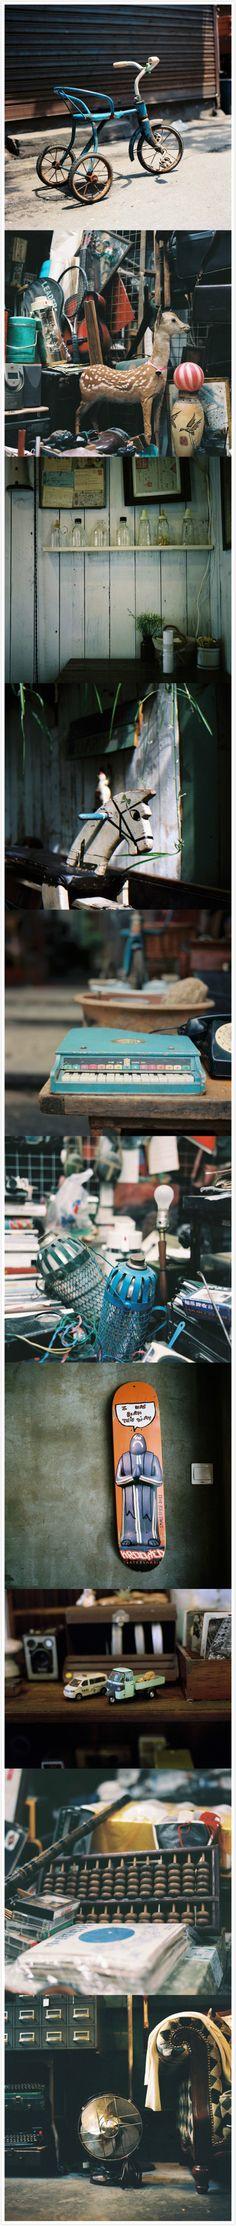 [旧物新颜]那些小时候视如珍宝的小三轮。小男孩比赛玩的玩具车。校门口小卖部老板的算盘。还有姥姥常领着的热水壶。这些旧物在erika的复古禄莱胶片作品中。呈现了全新的容颜。